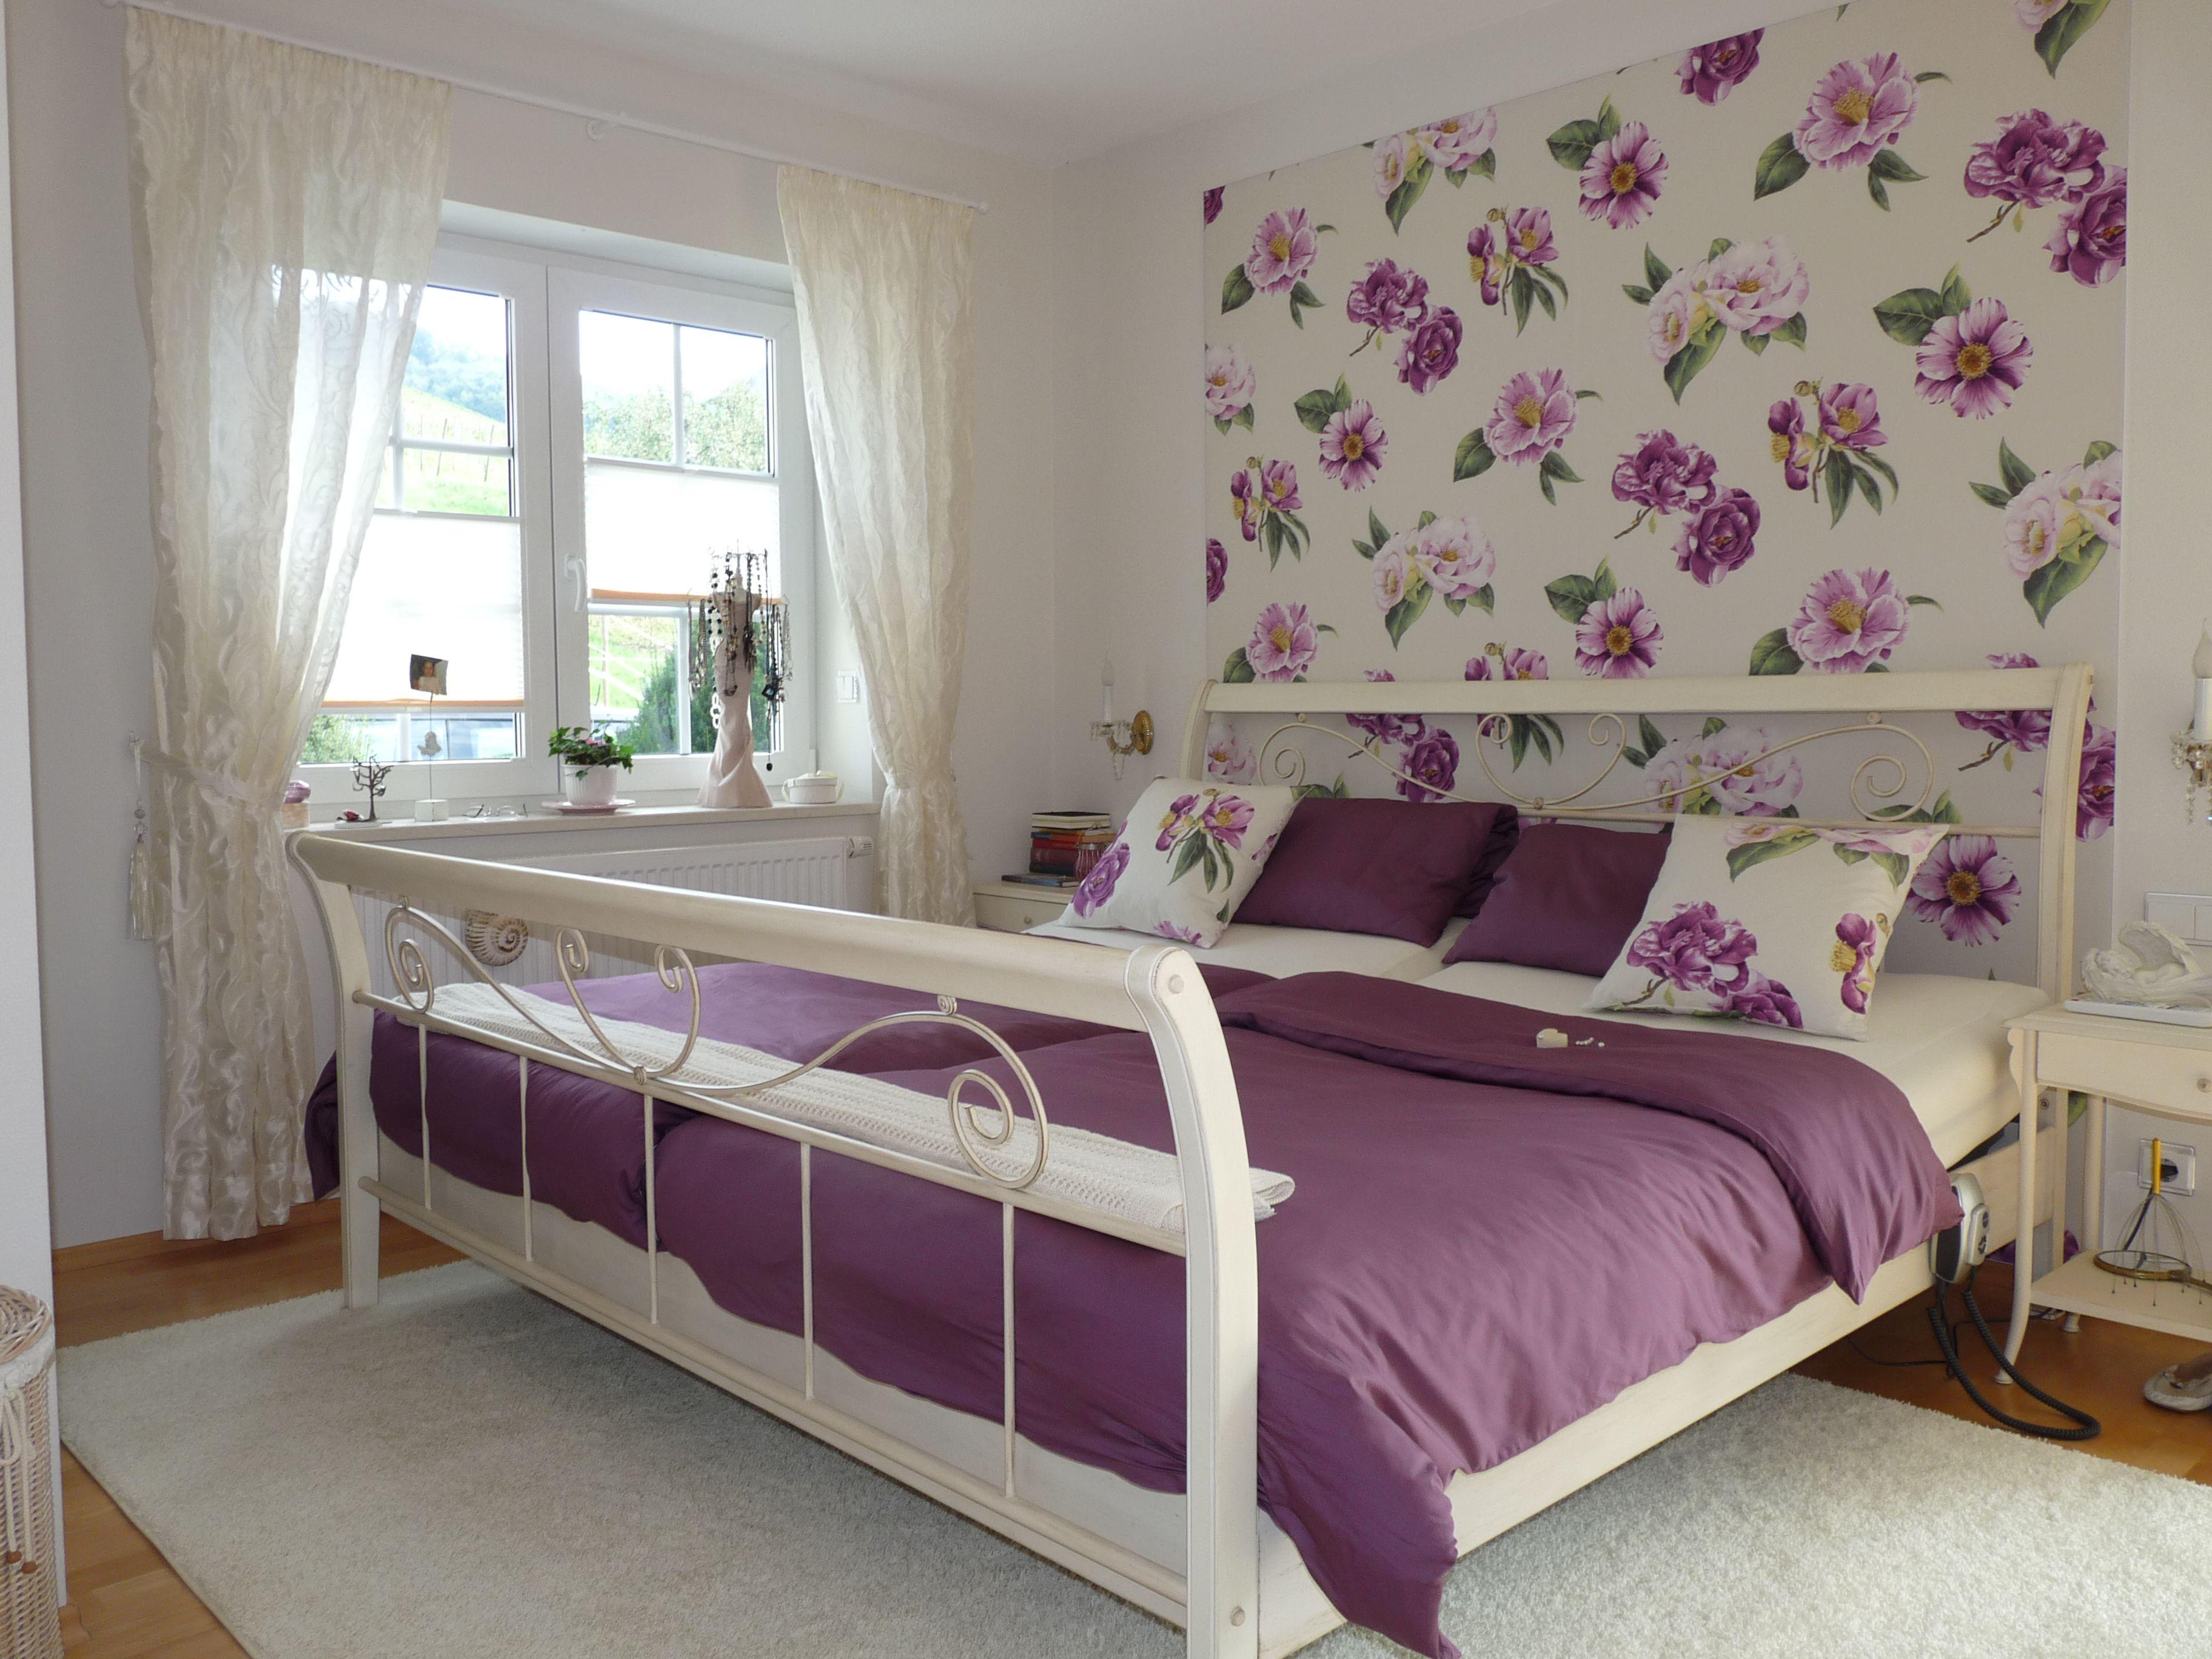 Schlafzimmer neu gestaltet mit einer Wandbespannung aus Stoff hinter dem Bett wandbespannung